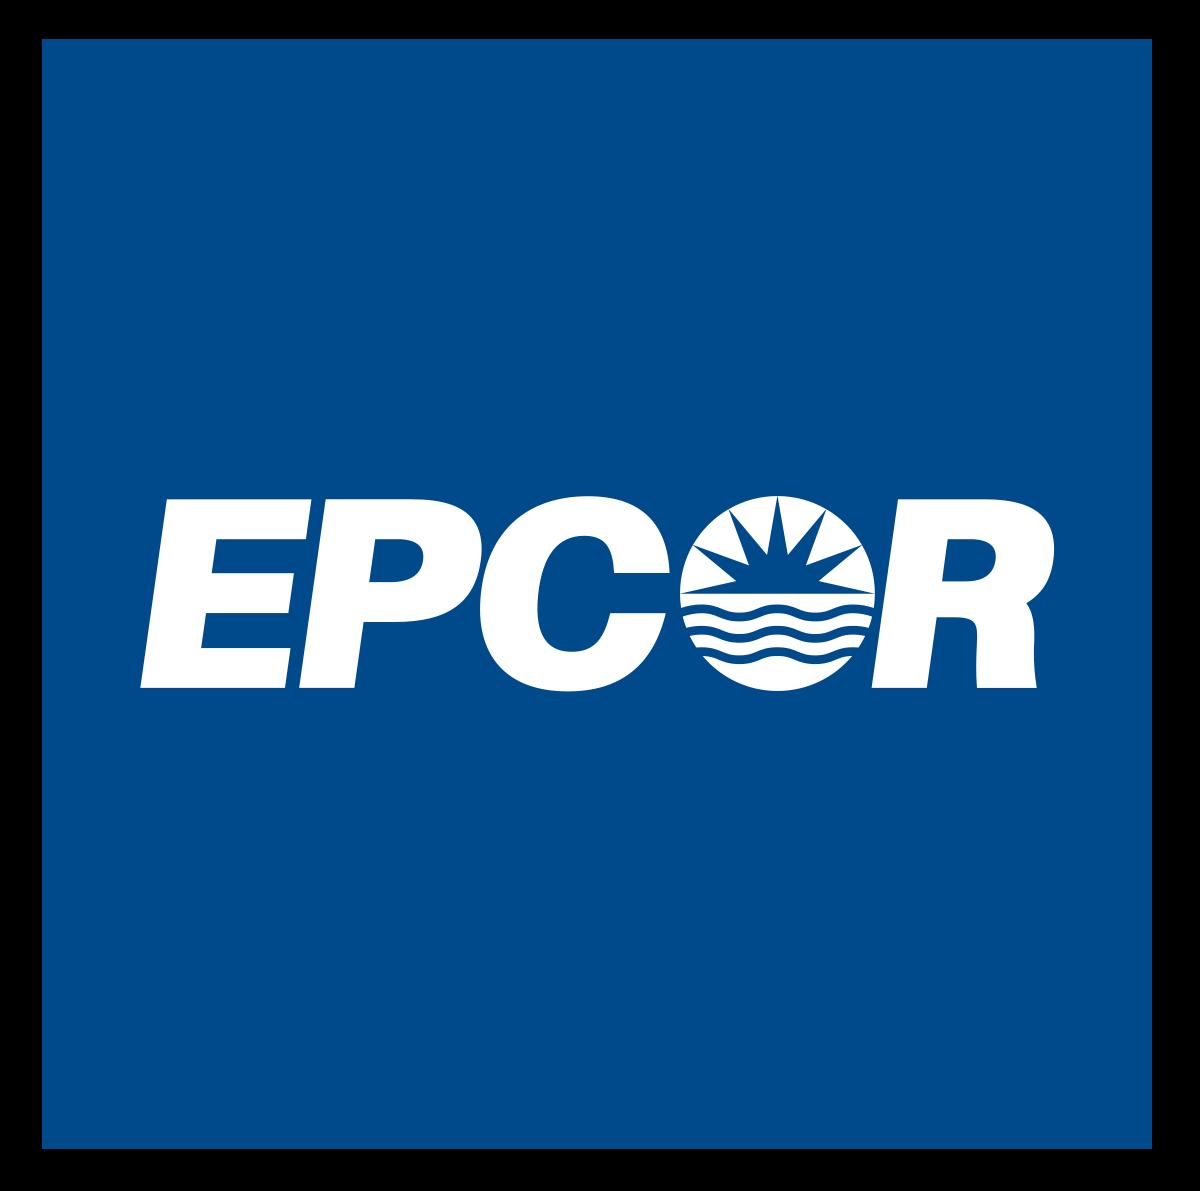 Csatlakoztassa az epcor-t